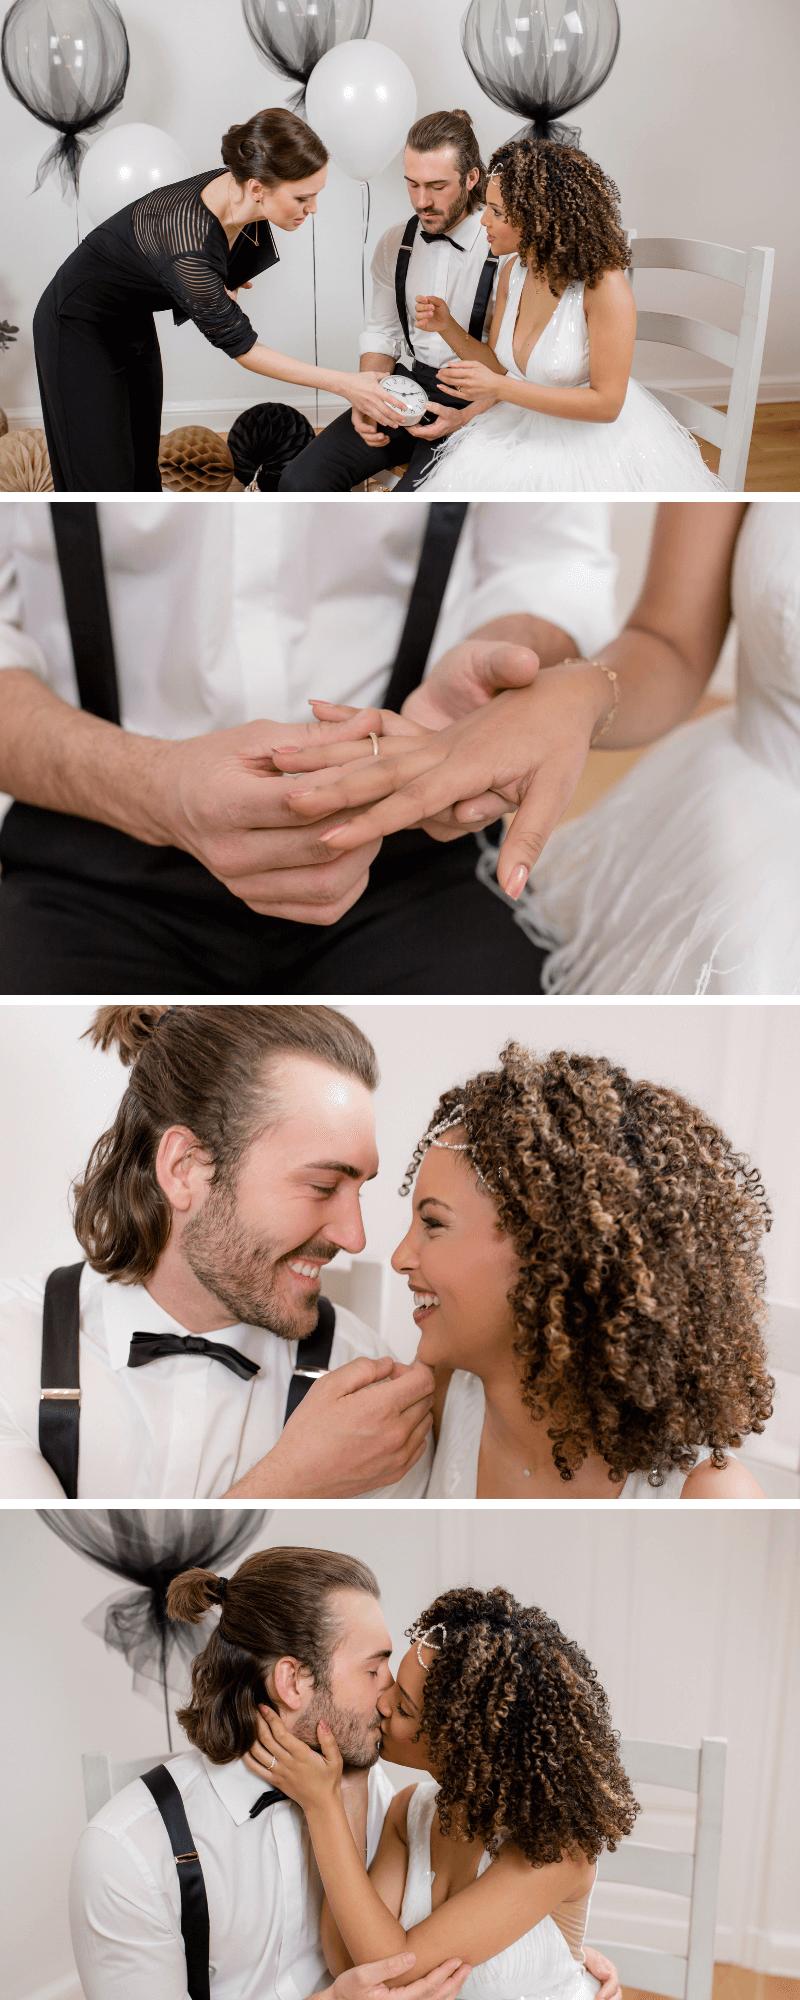 Hochzeit glamour, Hochzeit gold schwarz, Hochzeit klein, Hochzeit zu hause feiern